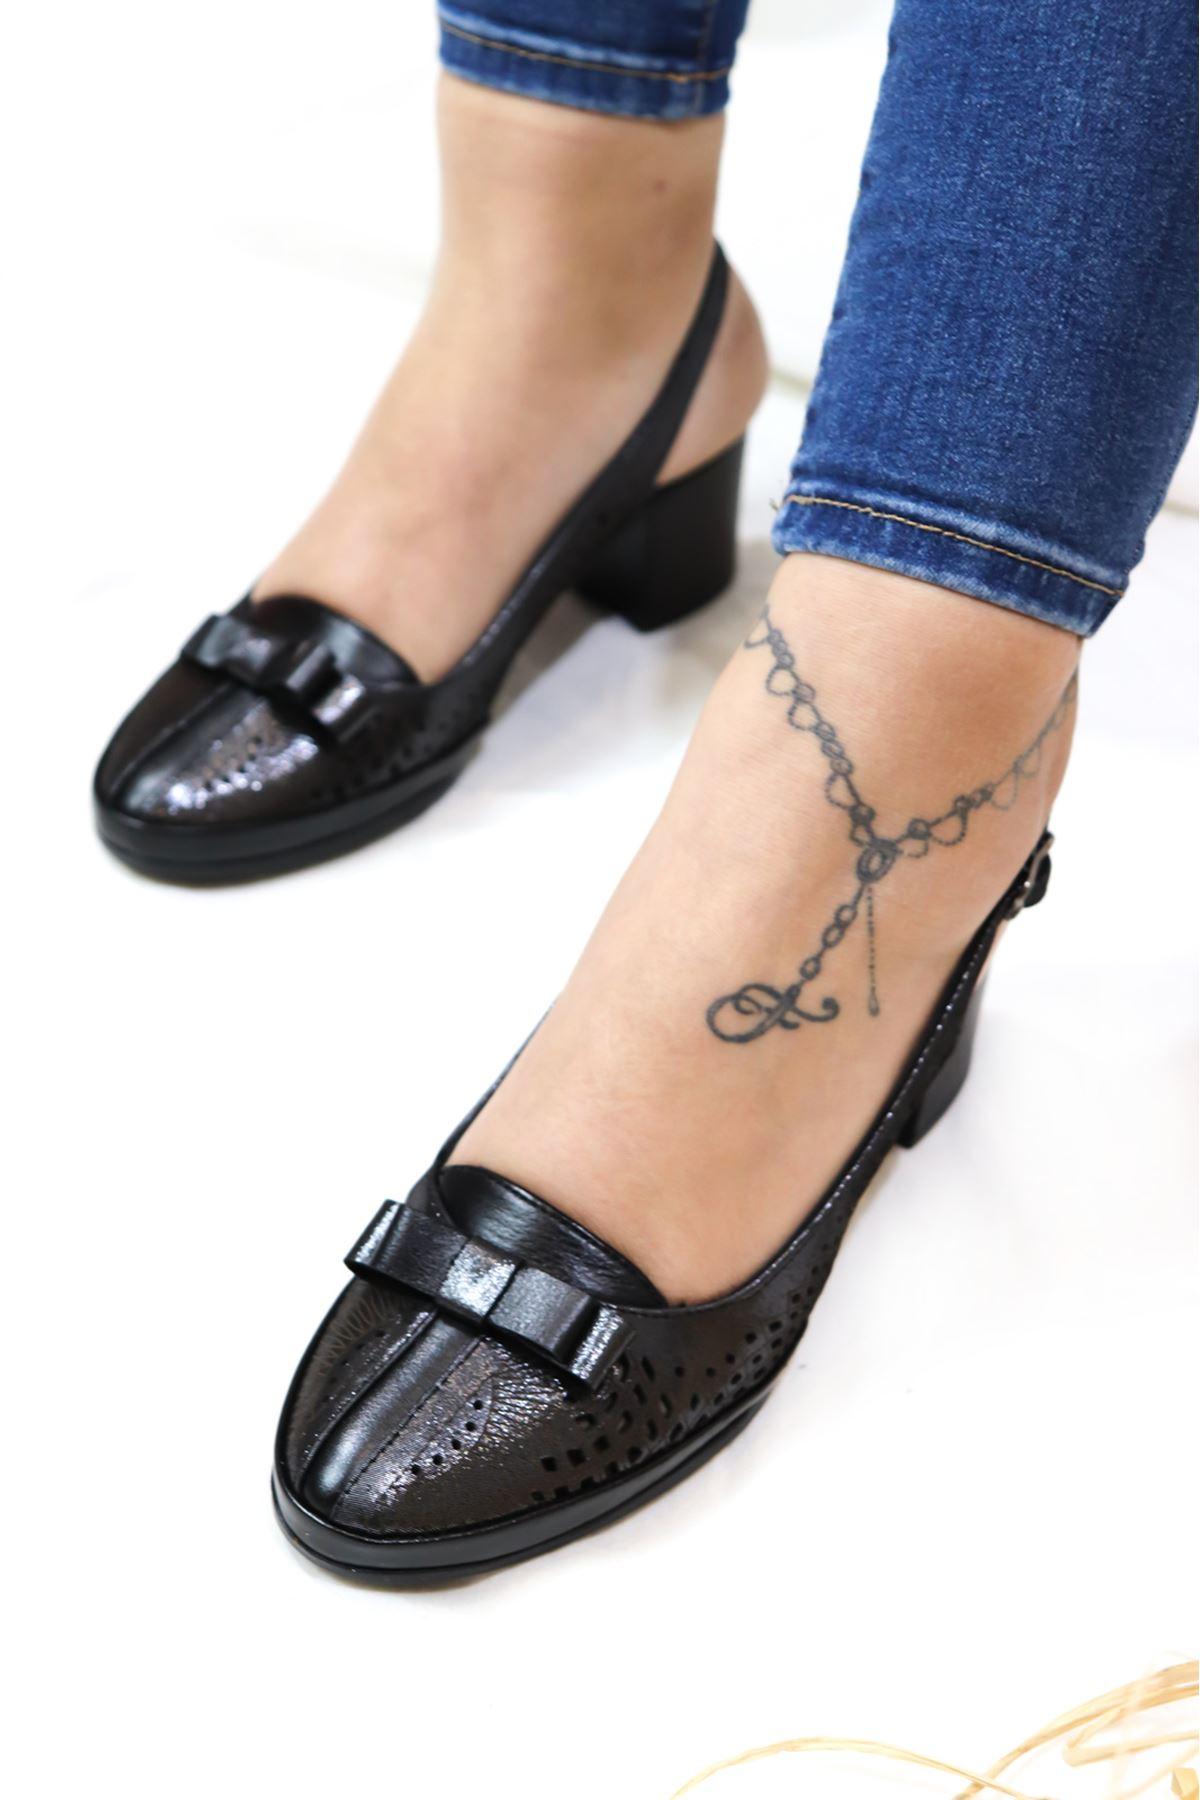 Venüs - 1323 Siyah Platin Arkadan Bantlı Ayakkabı